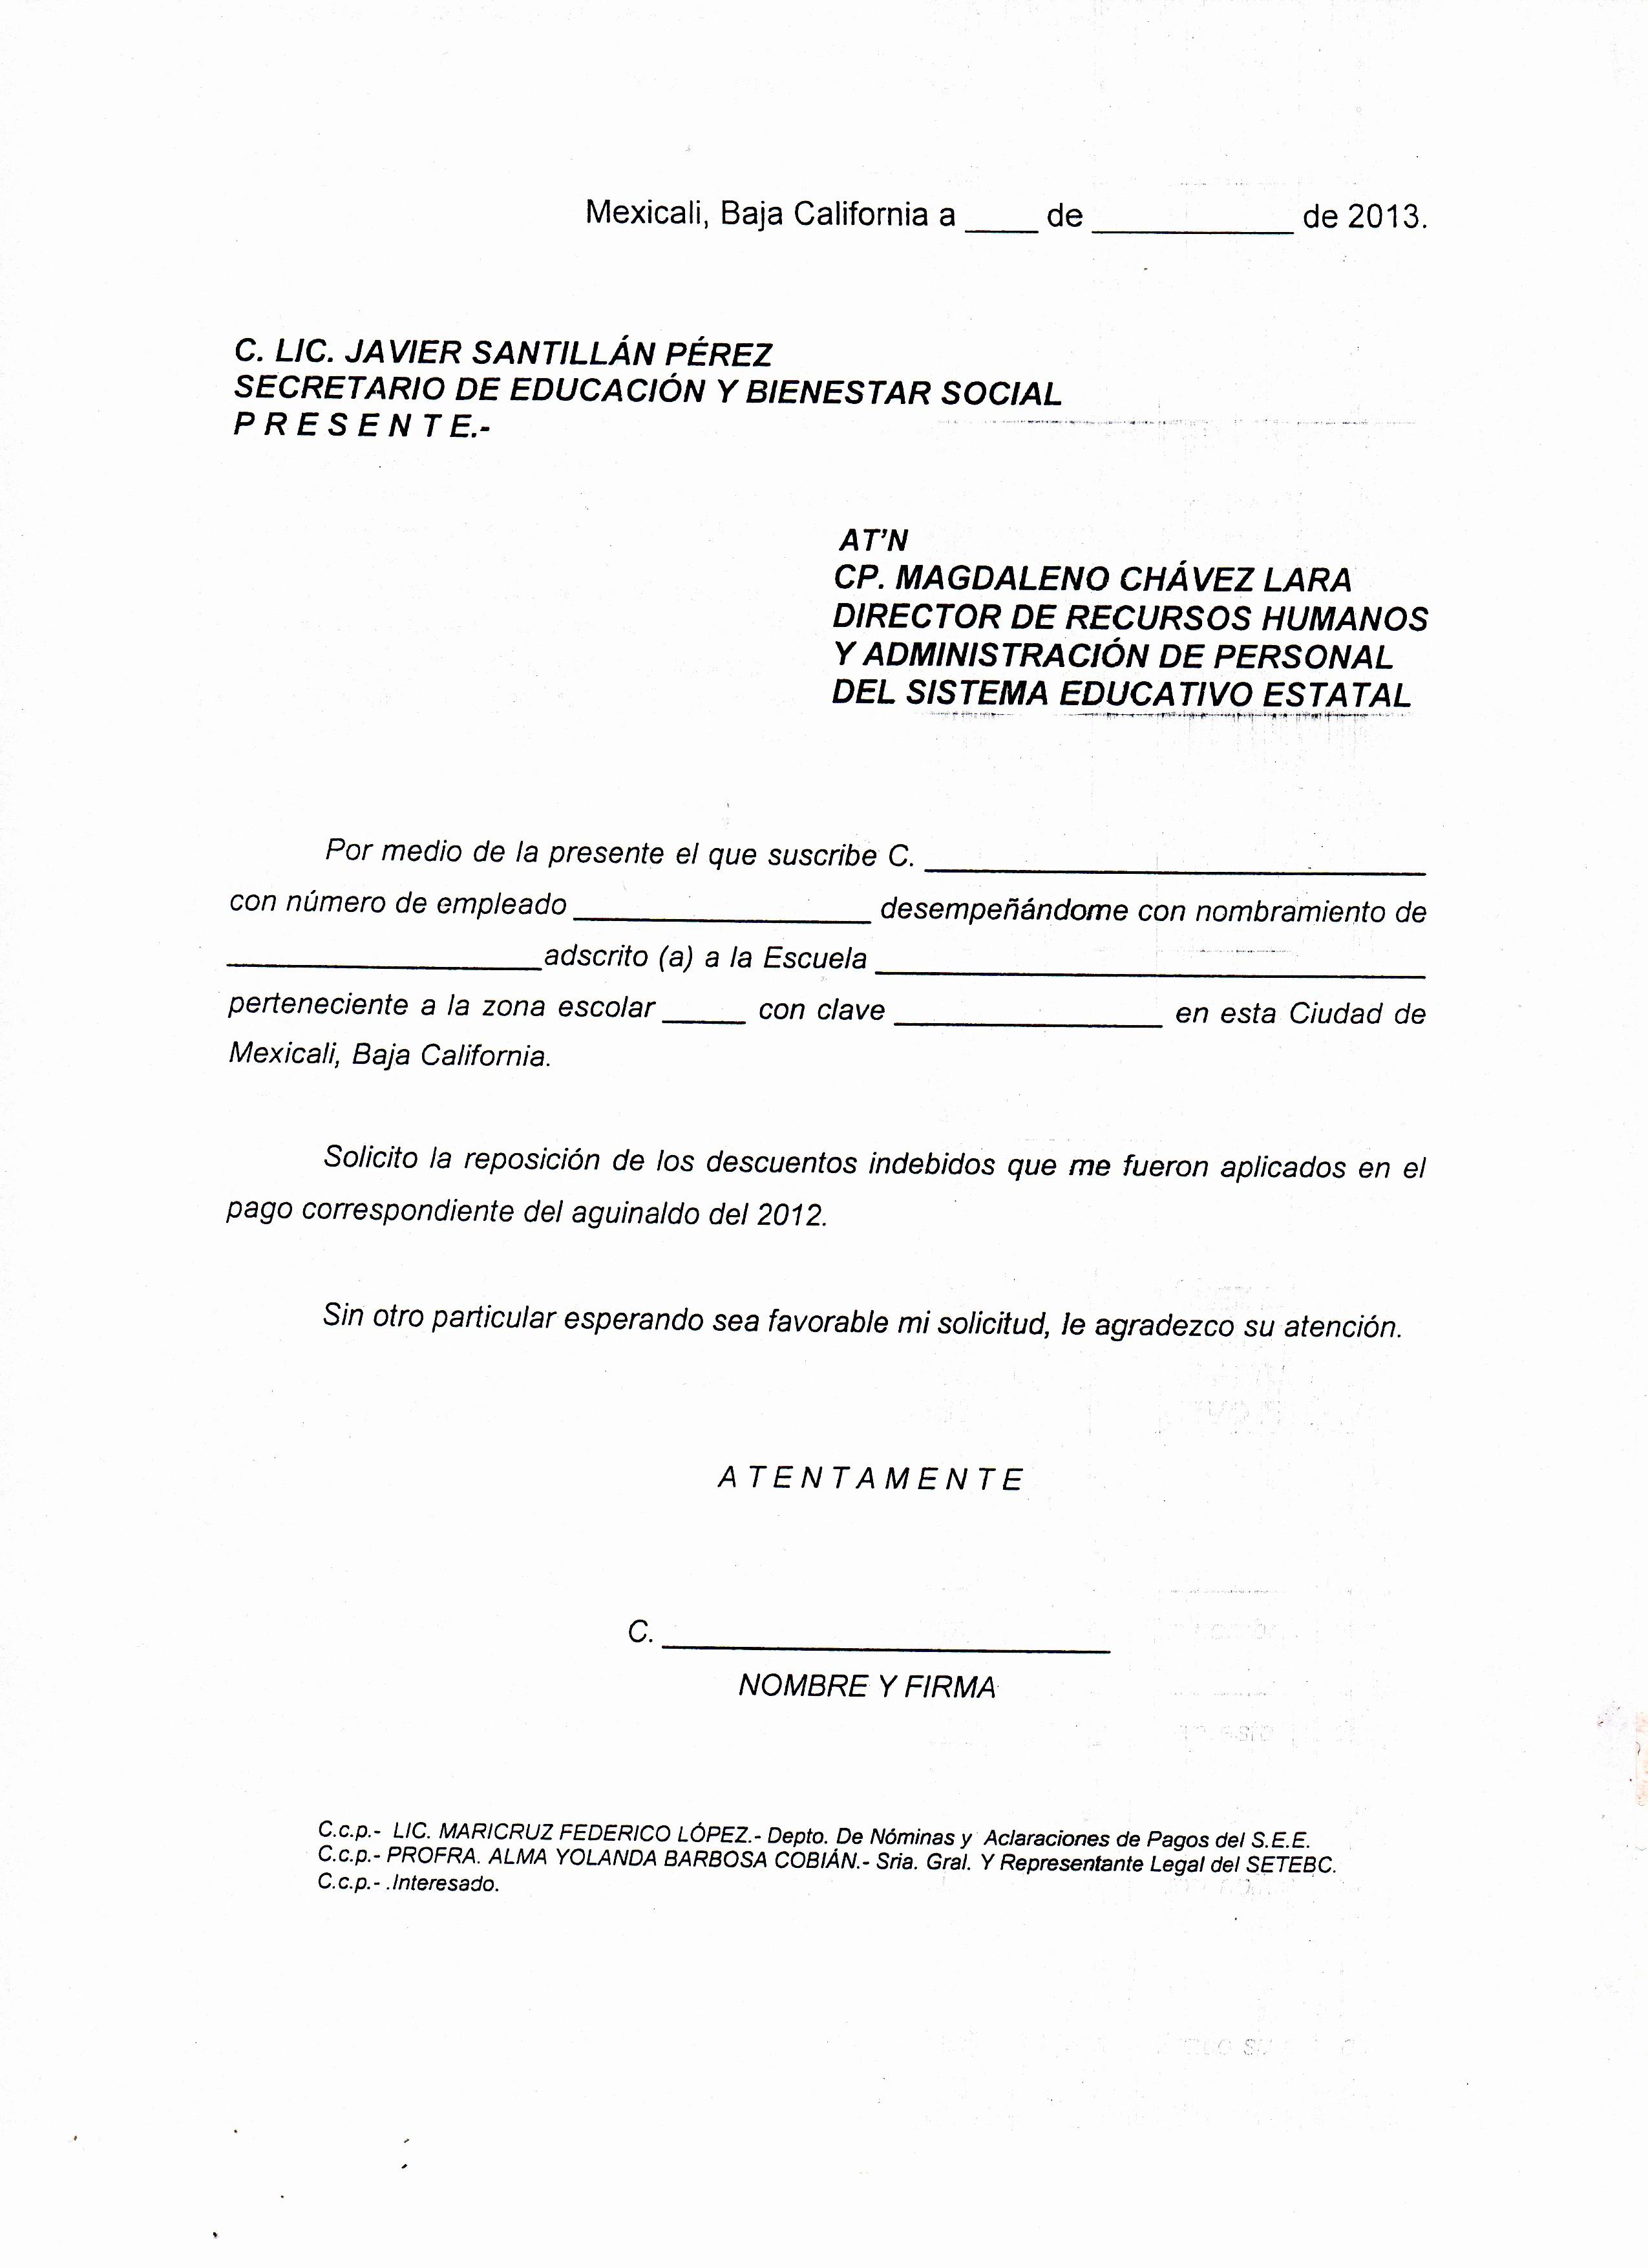 Formato De Carta De solicitud Beautiful formato De solicitud De Reposición De Los Descuentos